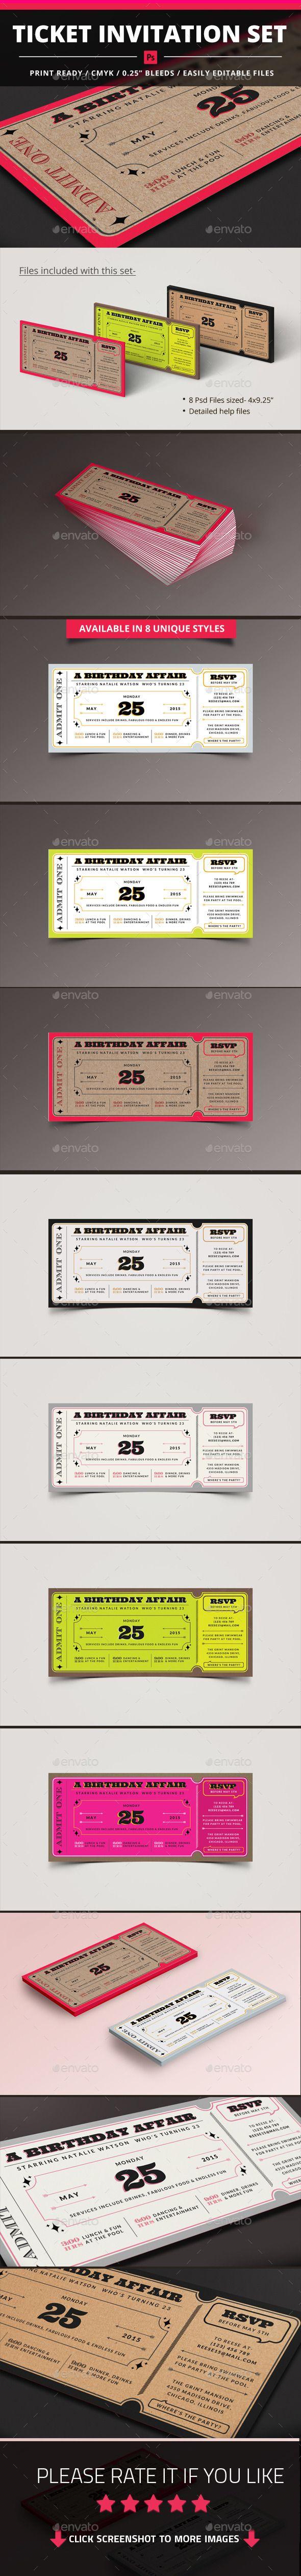 Template Ticket Invitation Set Ticket invitation